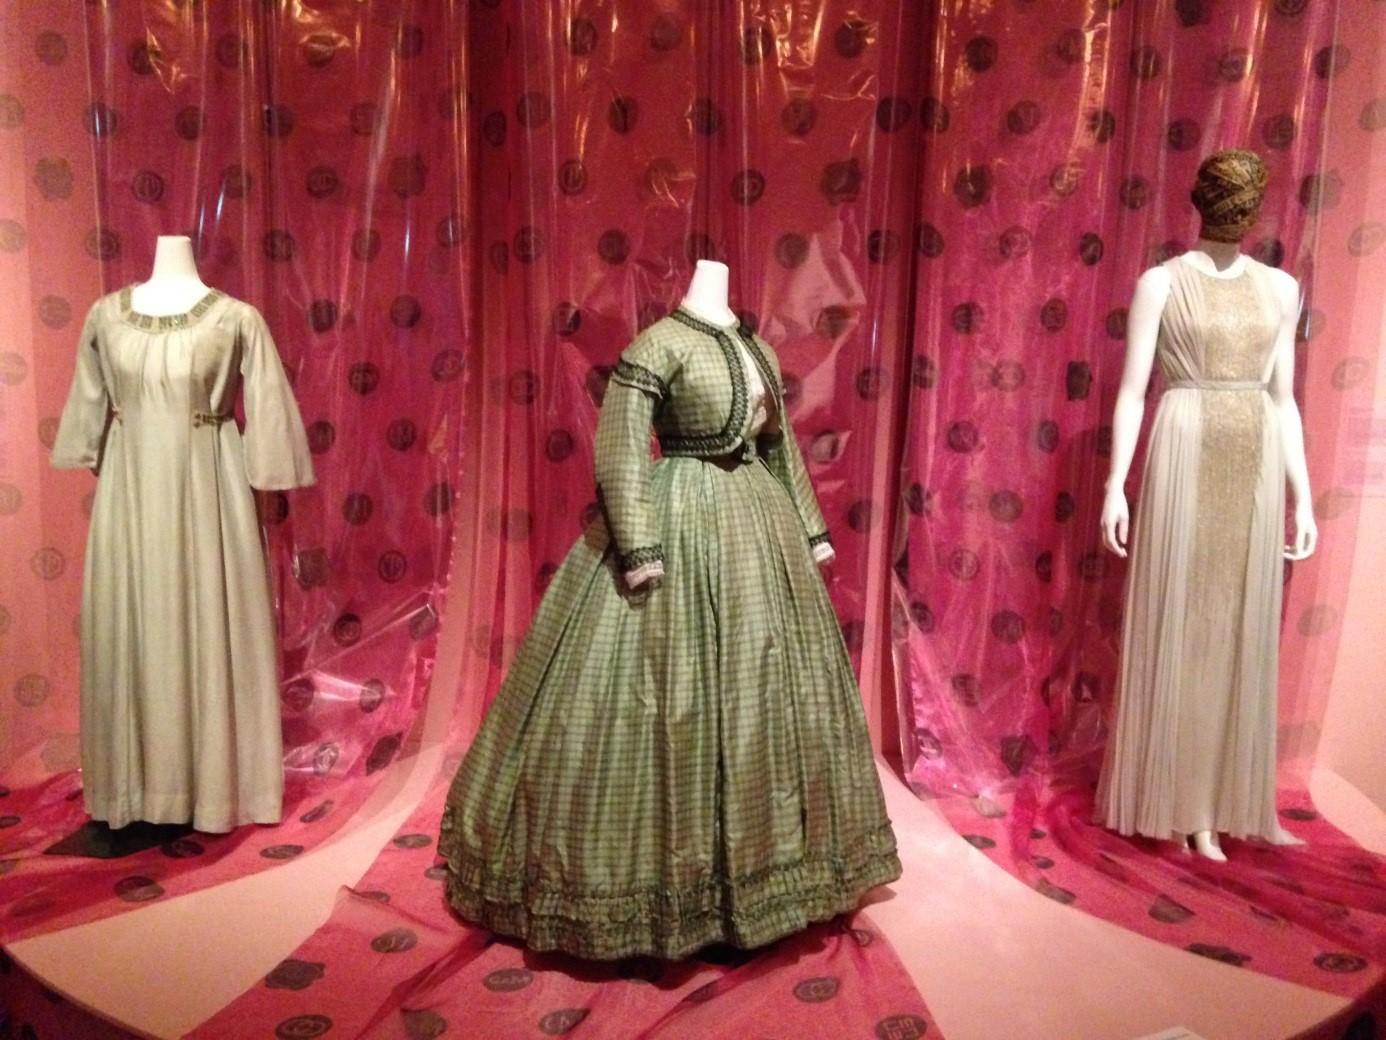 Blog Modemuze Judith van Hilten Dress, Fashion en New Museology.